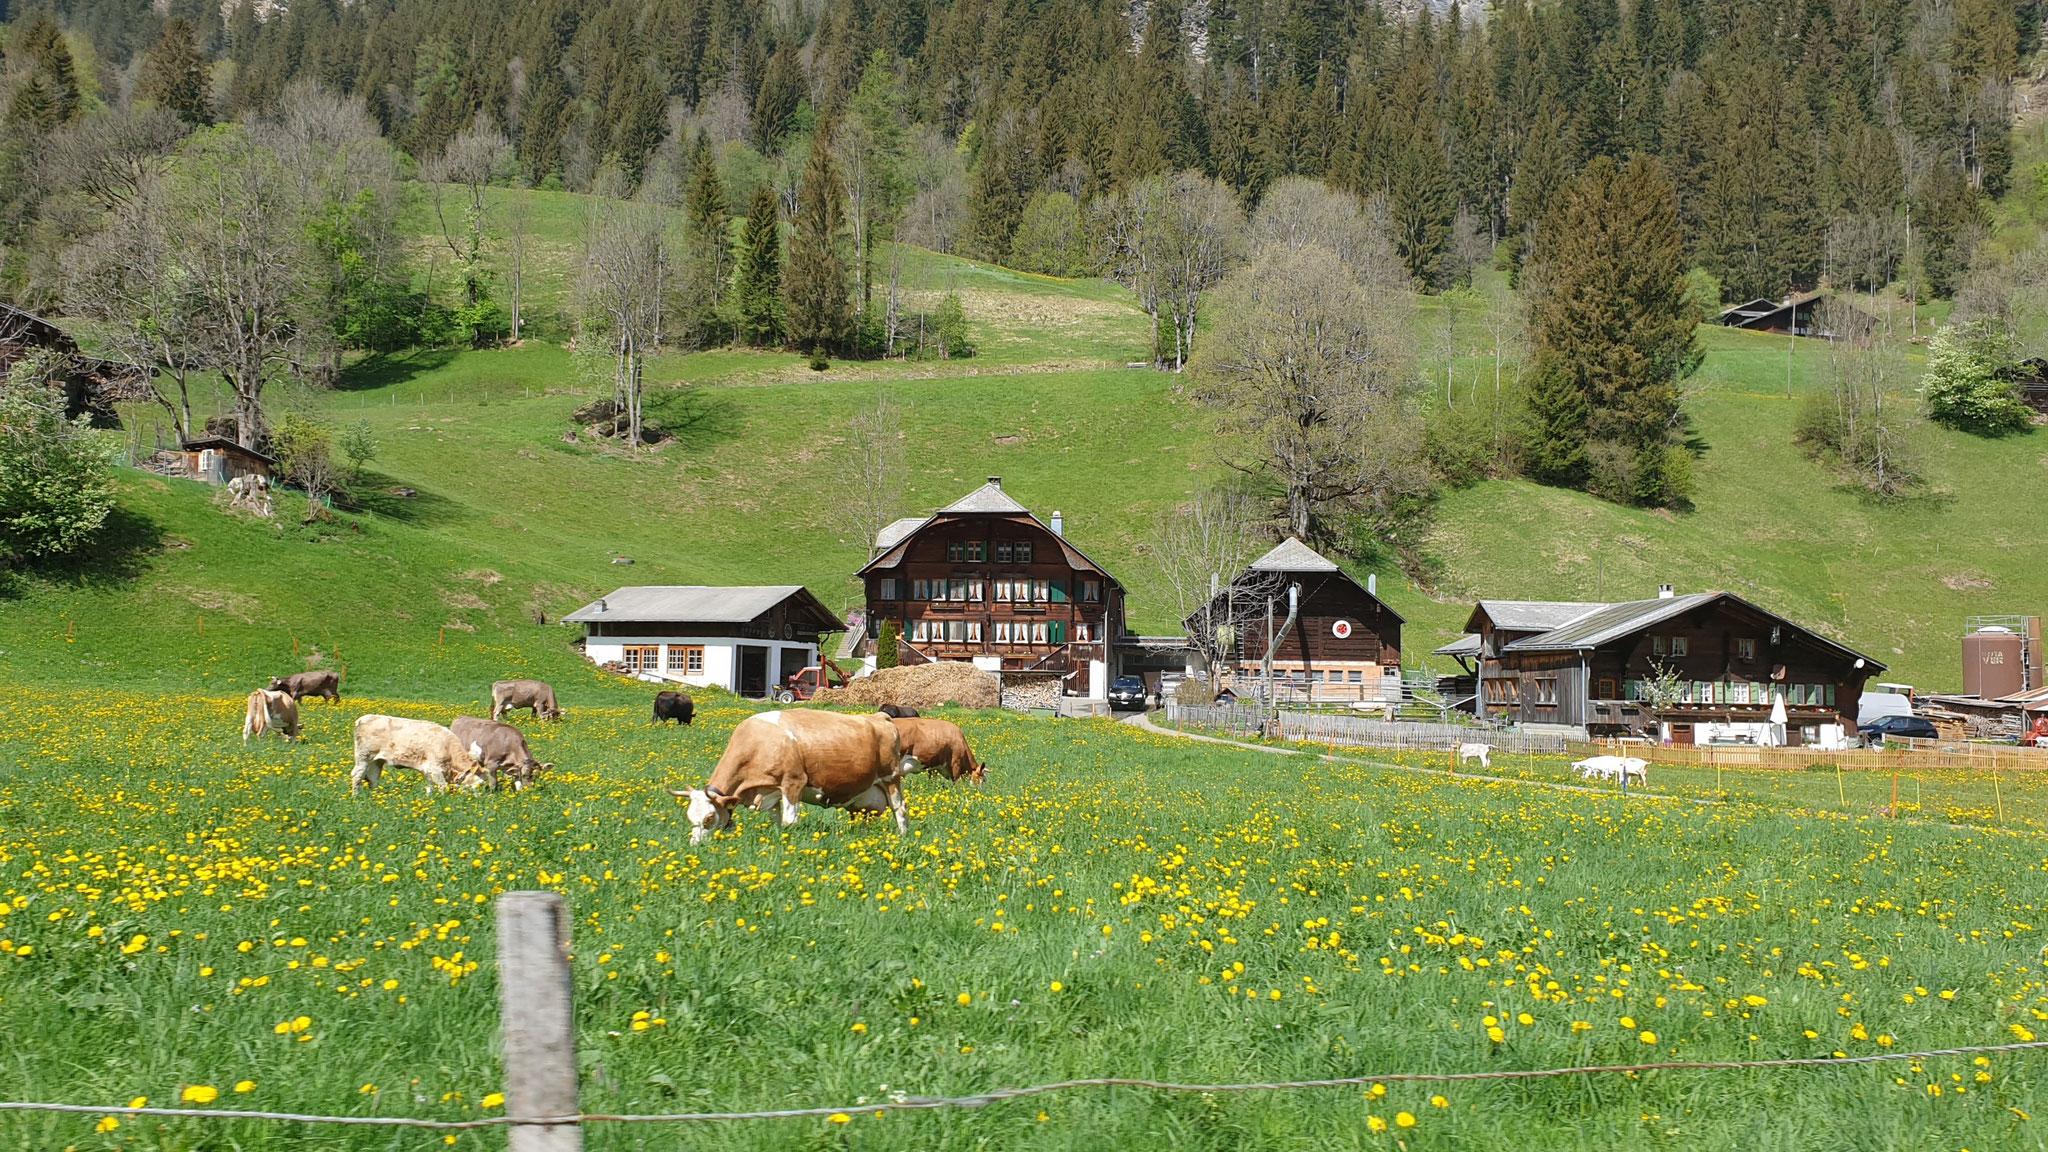 Schweizerische Idylle - nur ein Mythos oder Tatsache?!